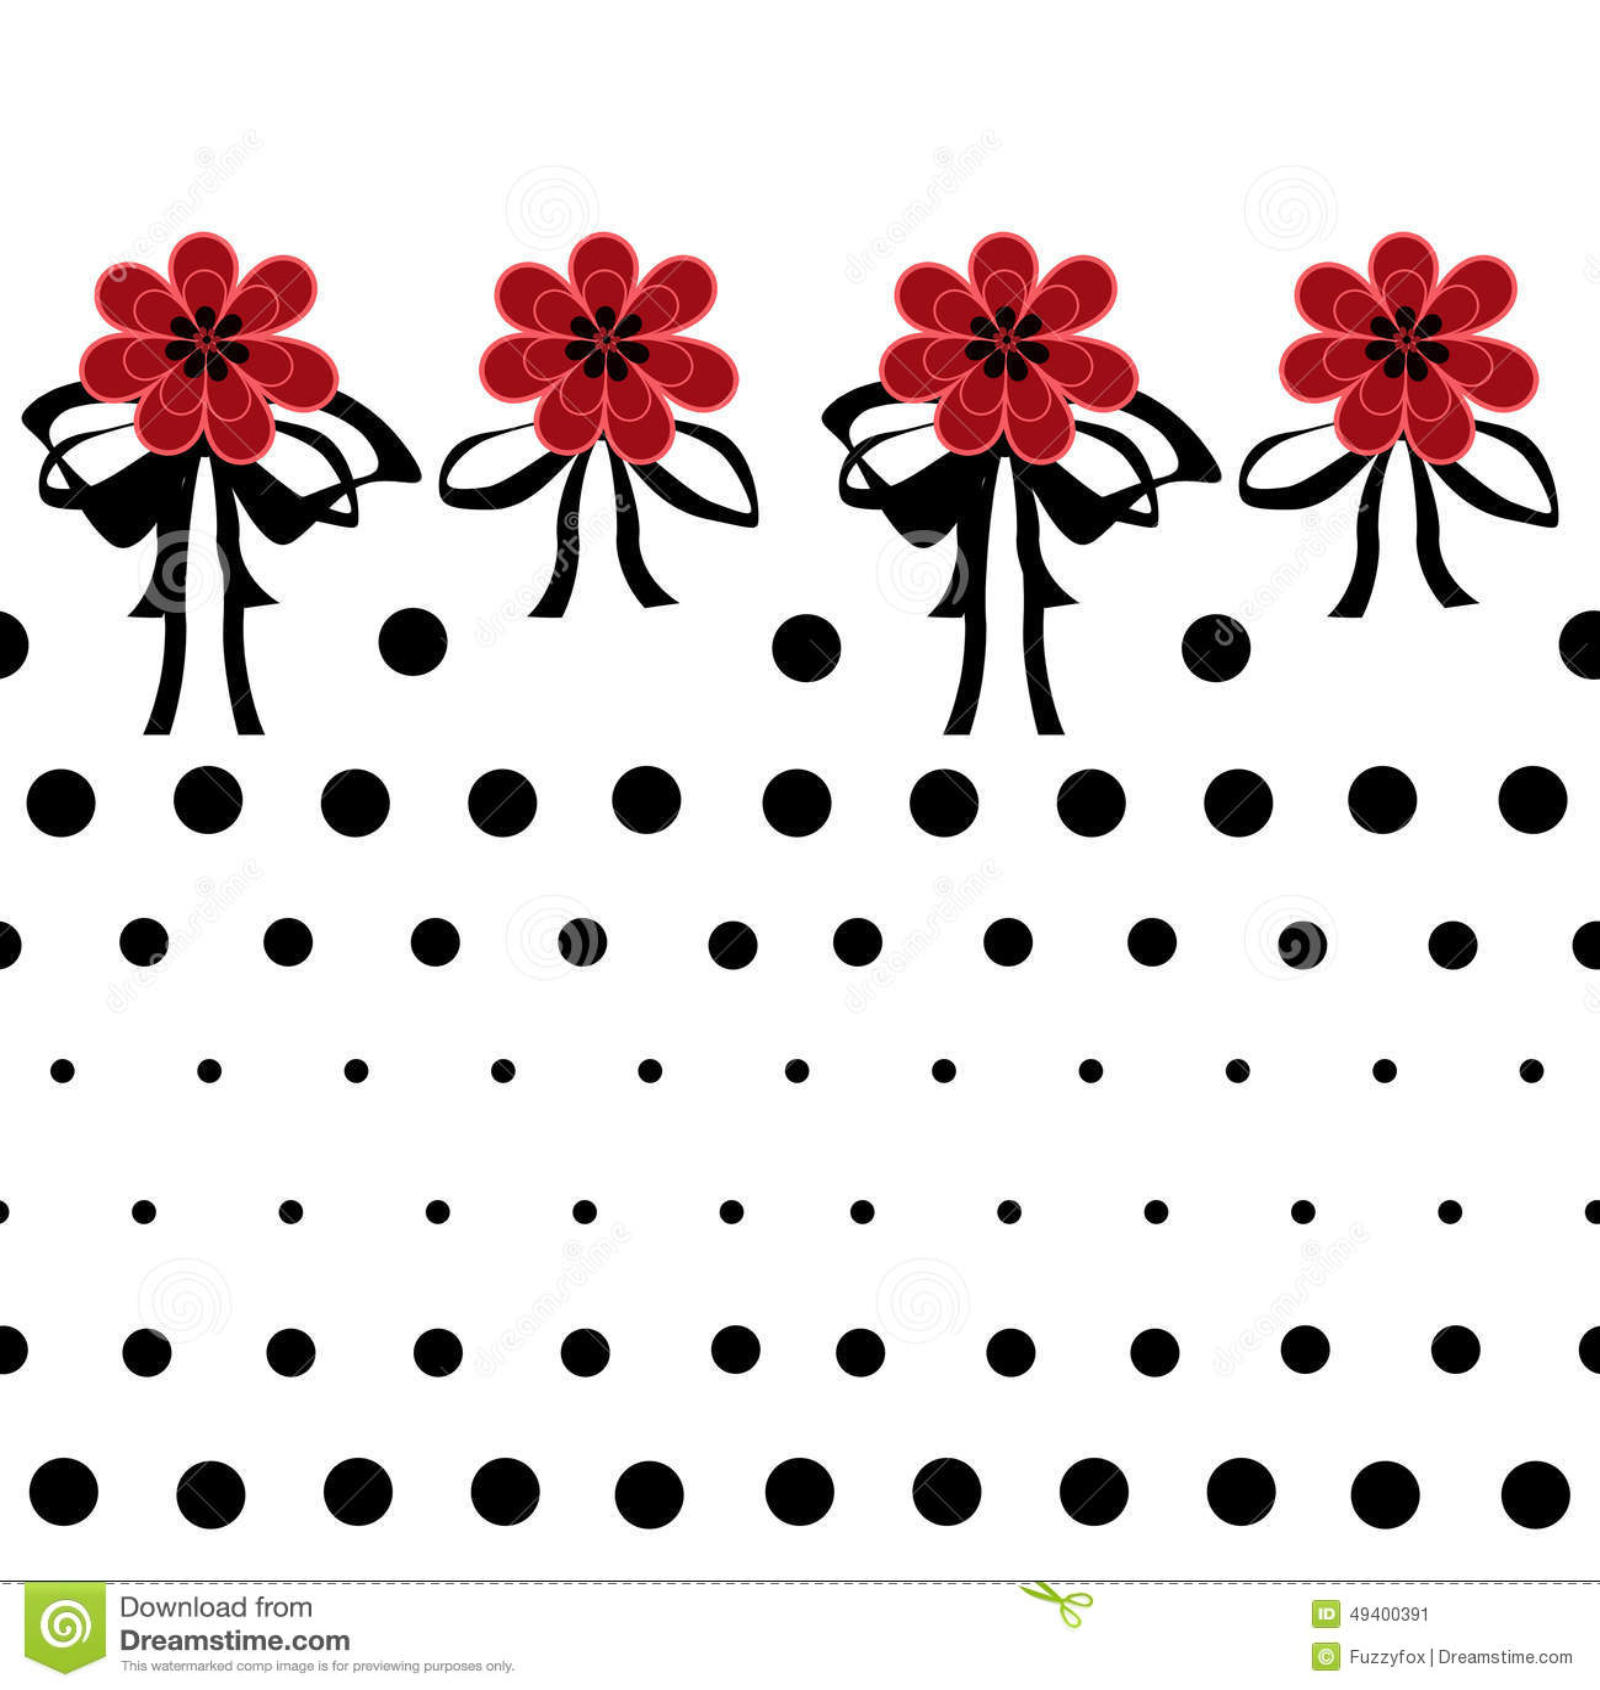 Download Nahtloses Blumenmuster Mit Roten Blumen Auf Weißem Hintergrundpunkt Stock Abbildung - Illustration von verzierung, punkte: 49400391